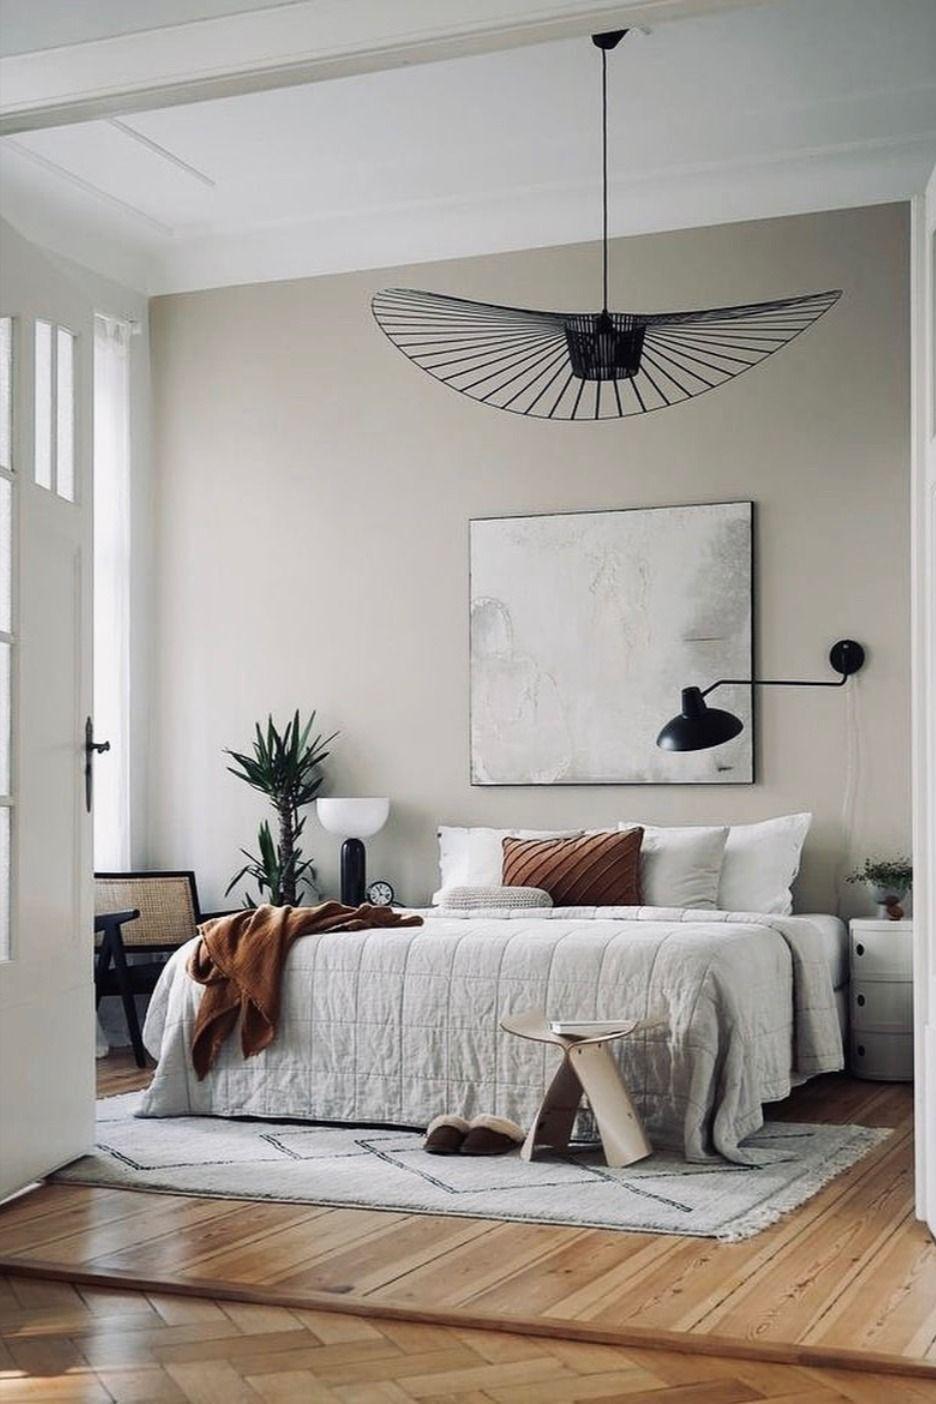 Vertigo Pendant lamp   Chambre à coucher idée, Idée chambre, Deco ...